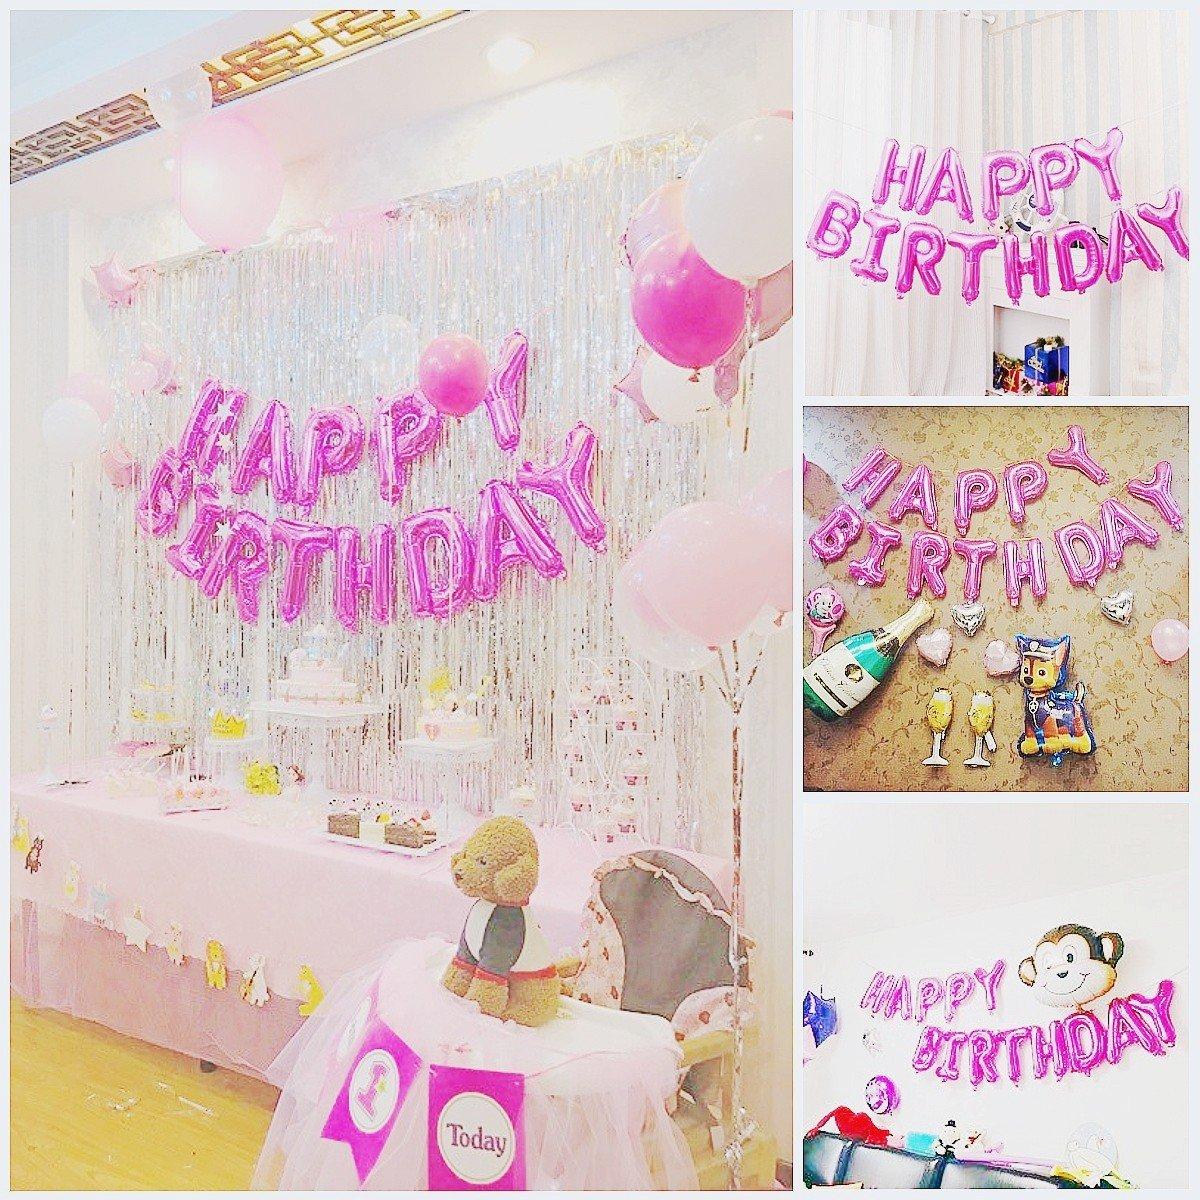 JZK Globos cumplea/ños  Happy Birthday  Feliz cumplea/ños globos feliz cumplea/ños bandera para ni/ños adultos fiesta cumplea/ños decoraciones suministros accesorios